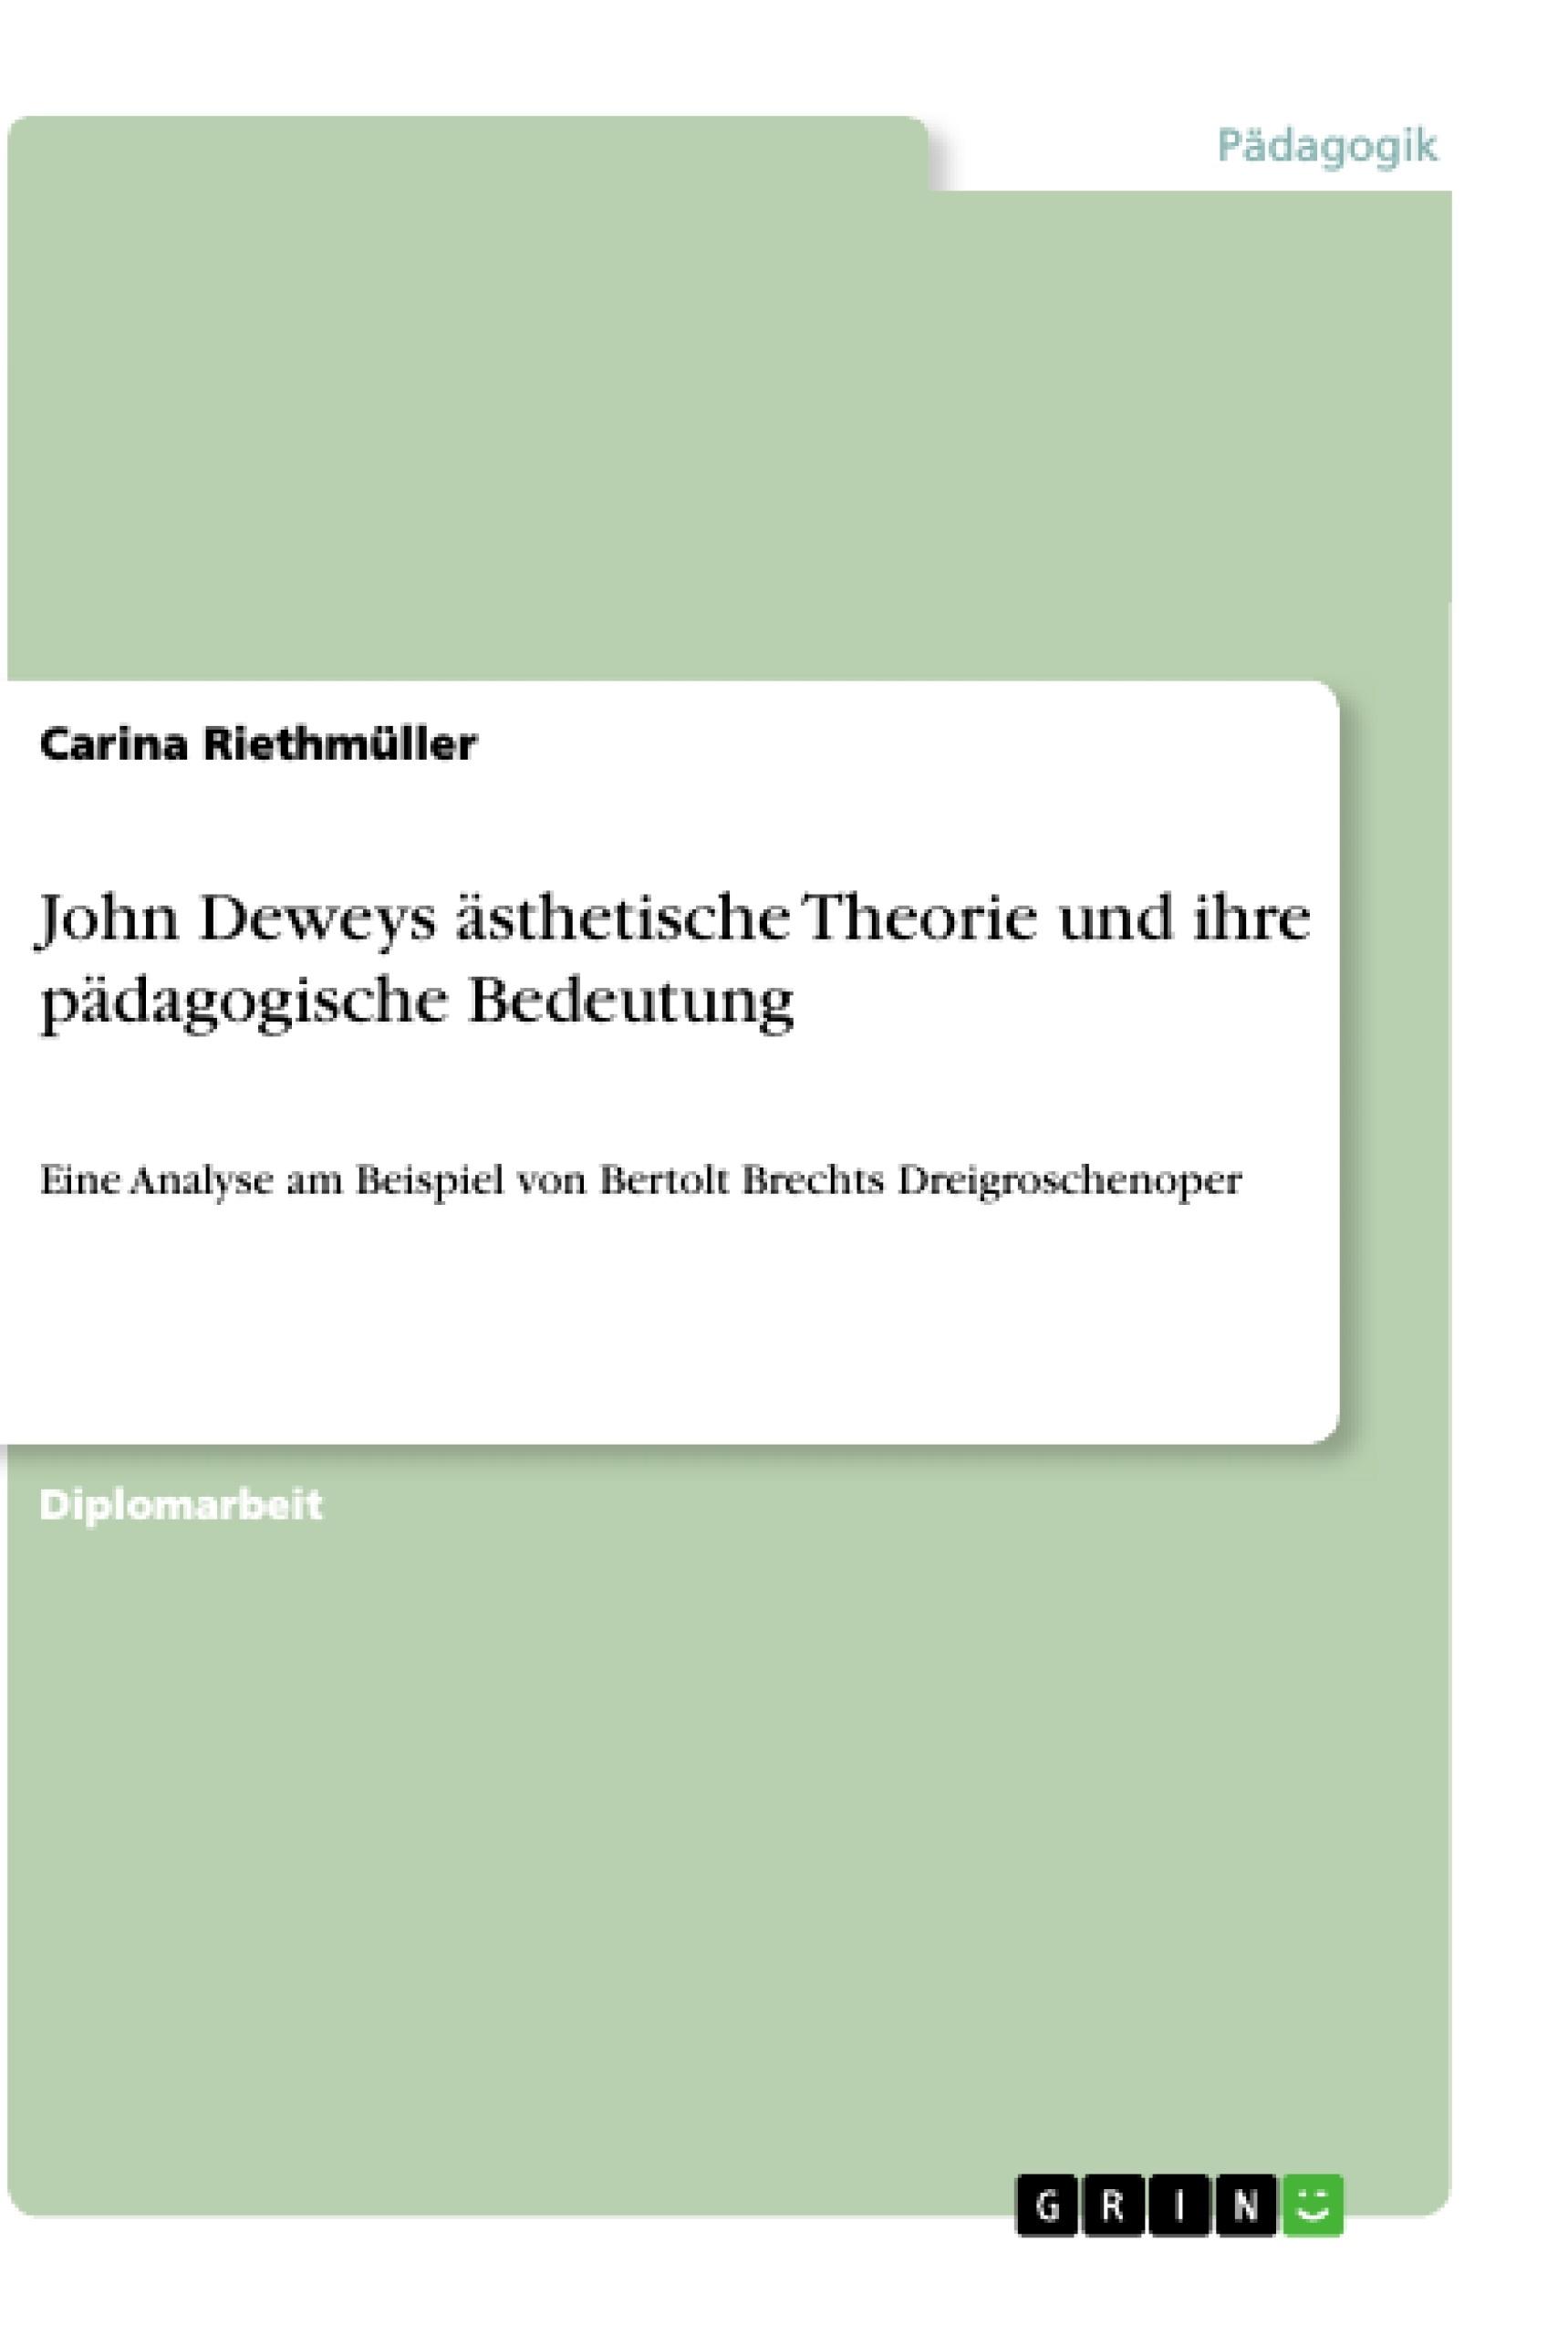 Titel: John Deweys ästhetische Theorie und ihre pädagogische Bedeutung